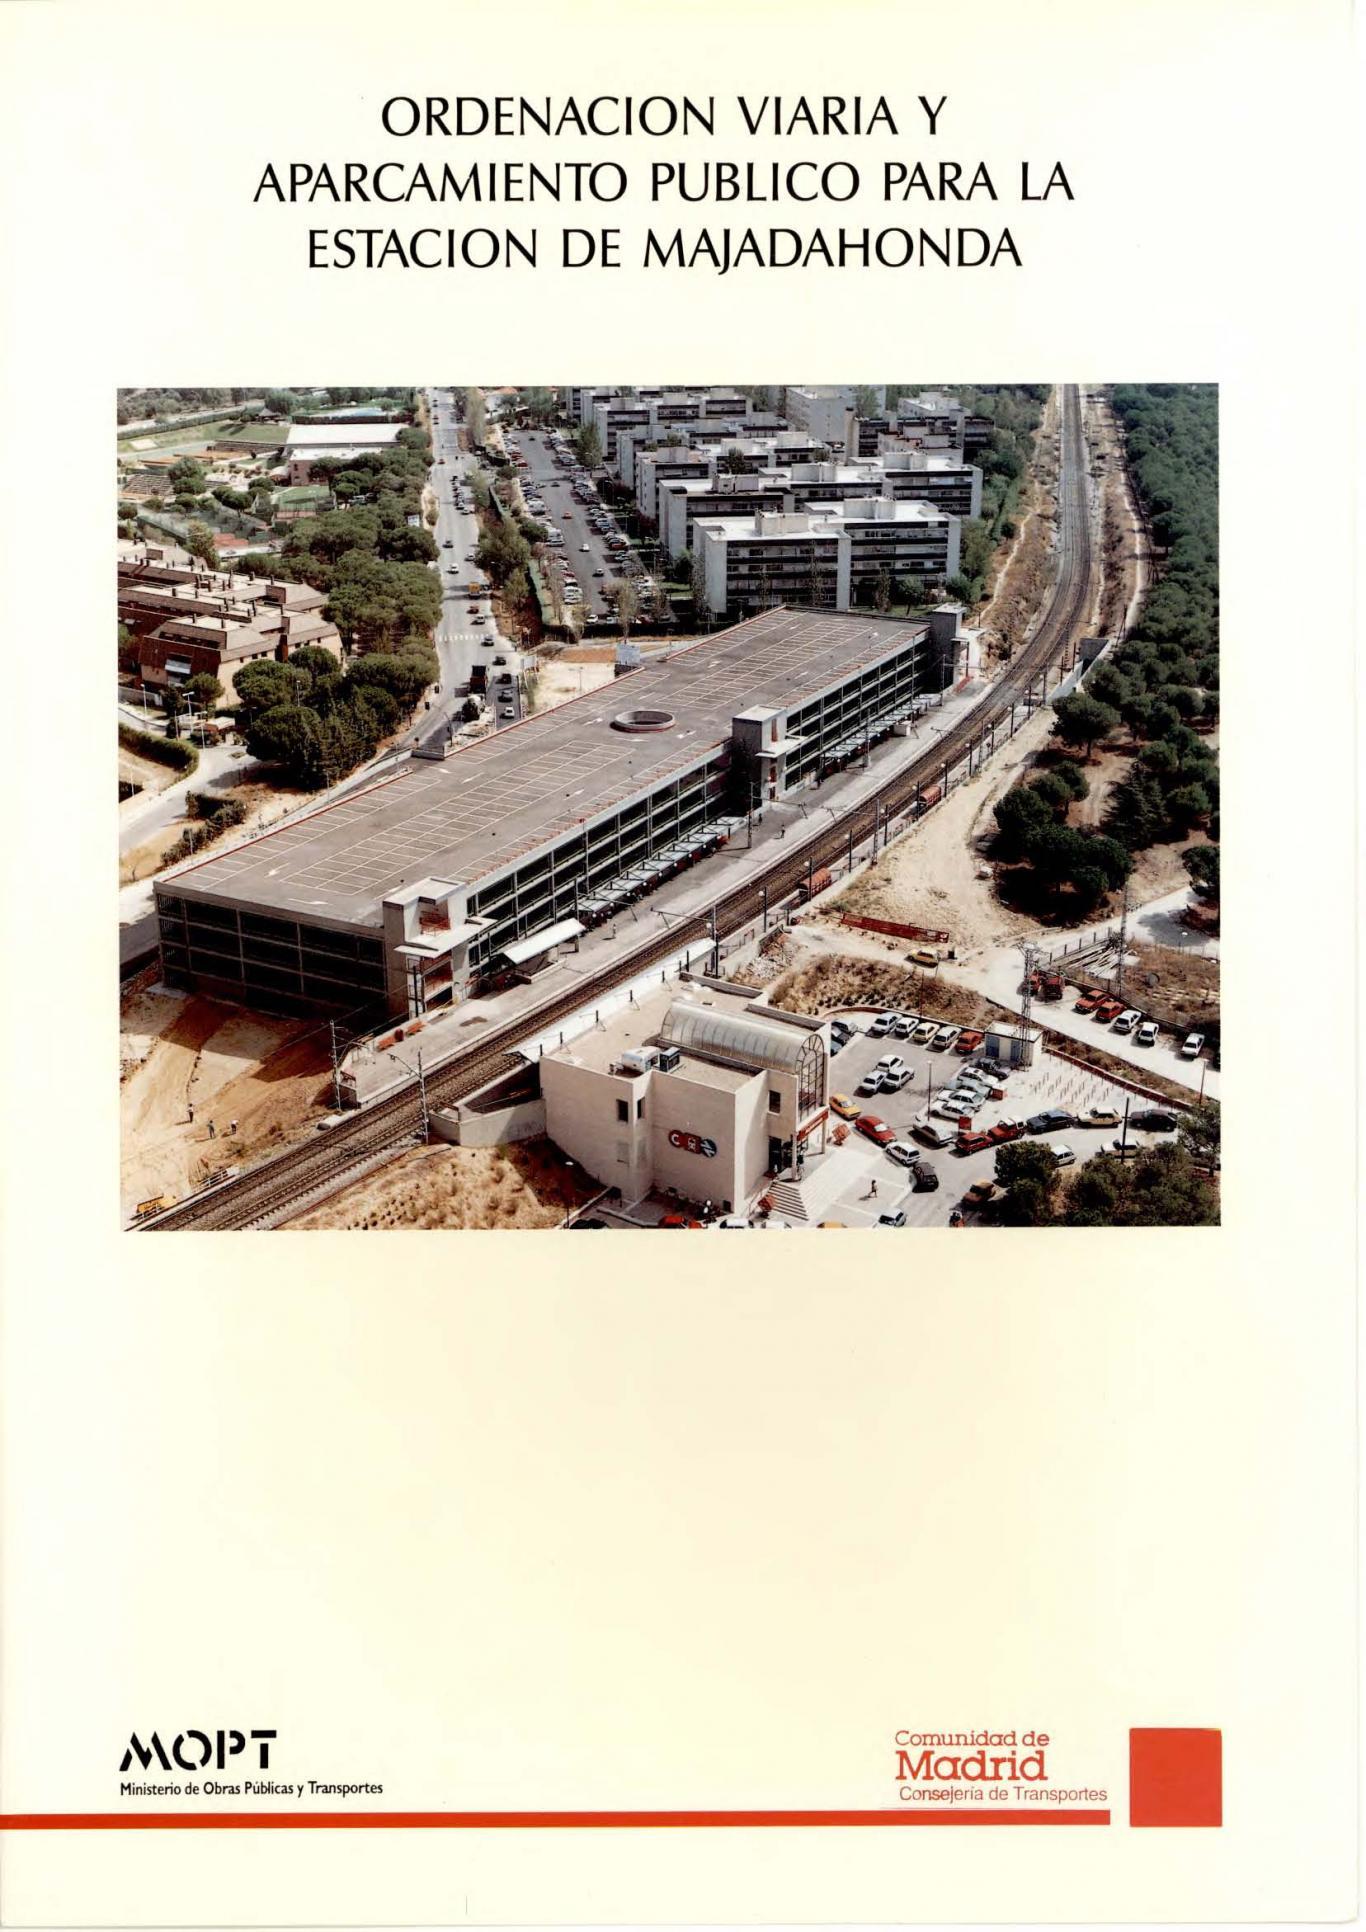 Carátula folleto aparcamiento Majadahonda